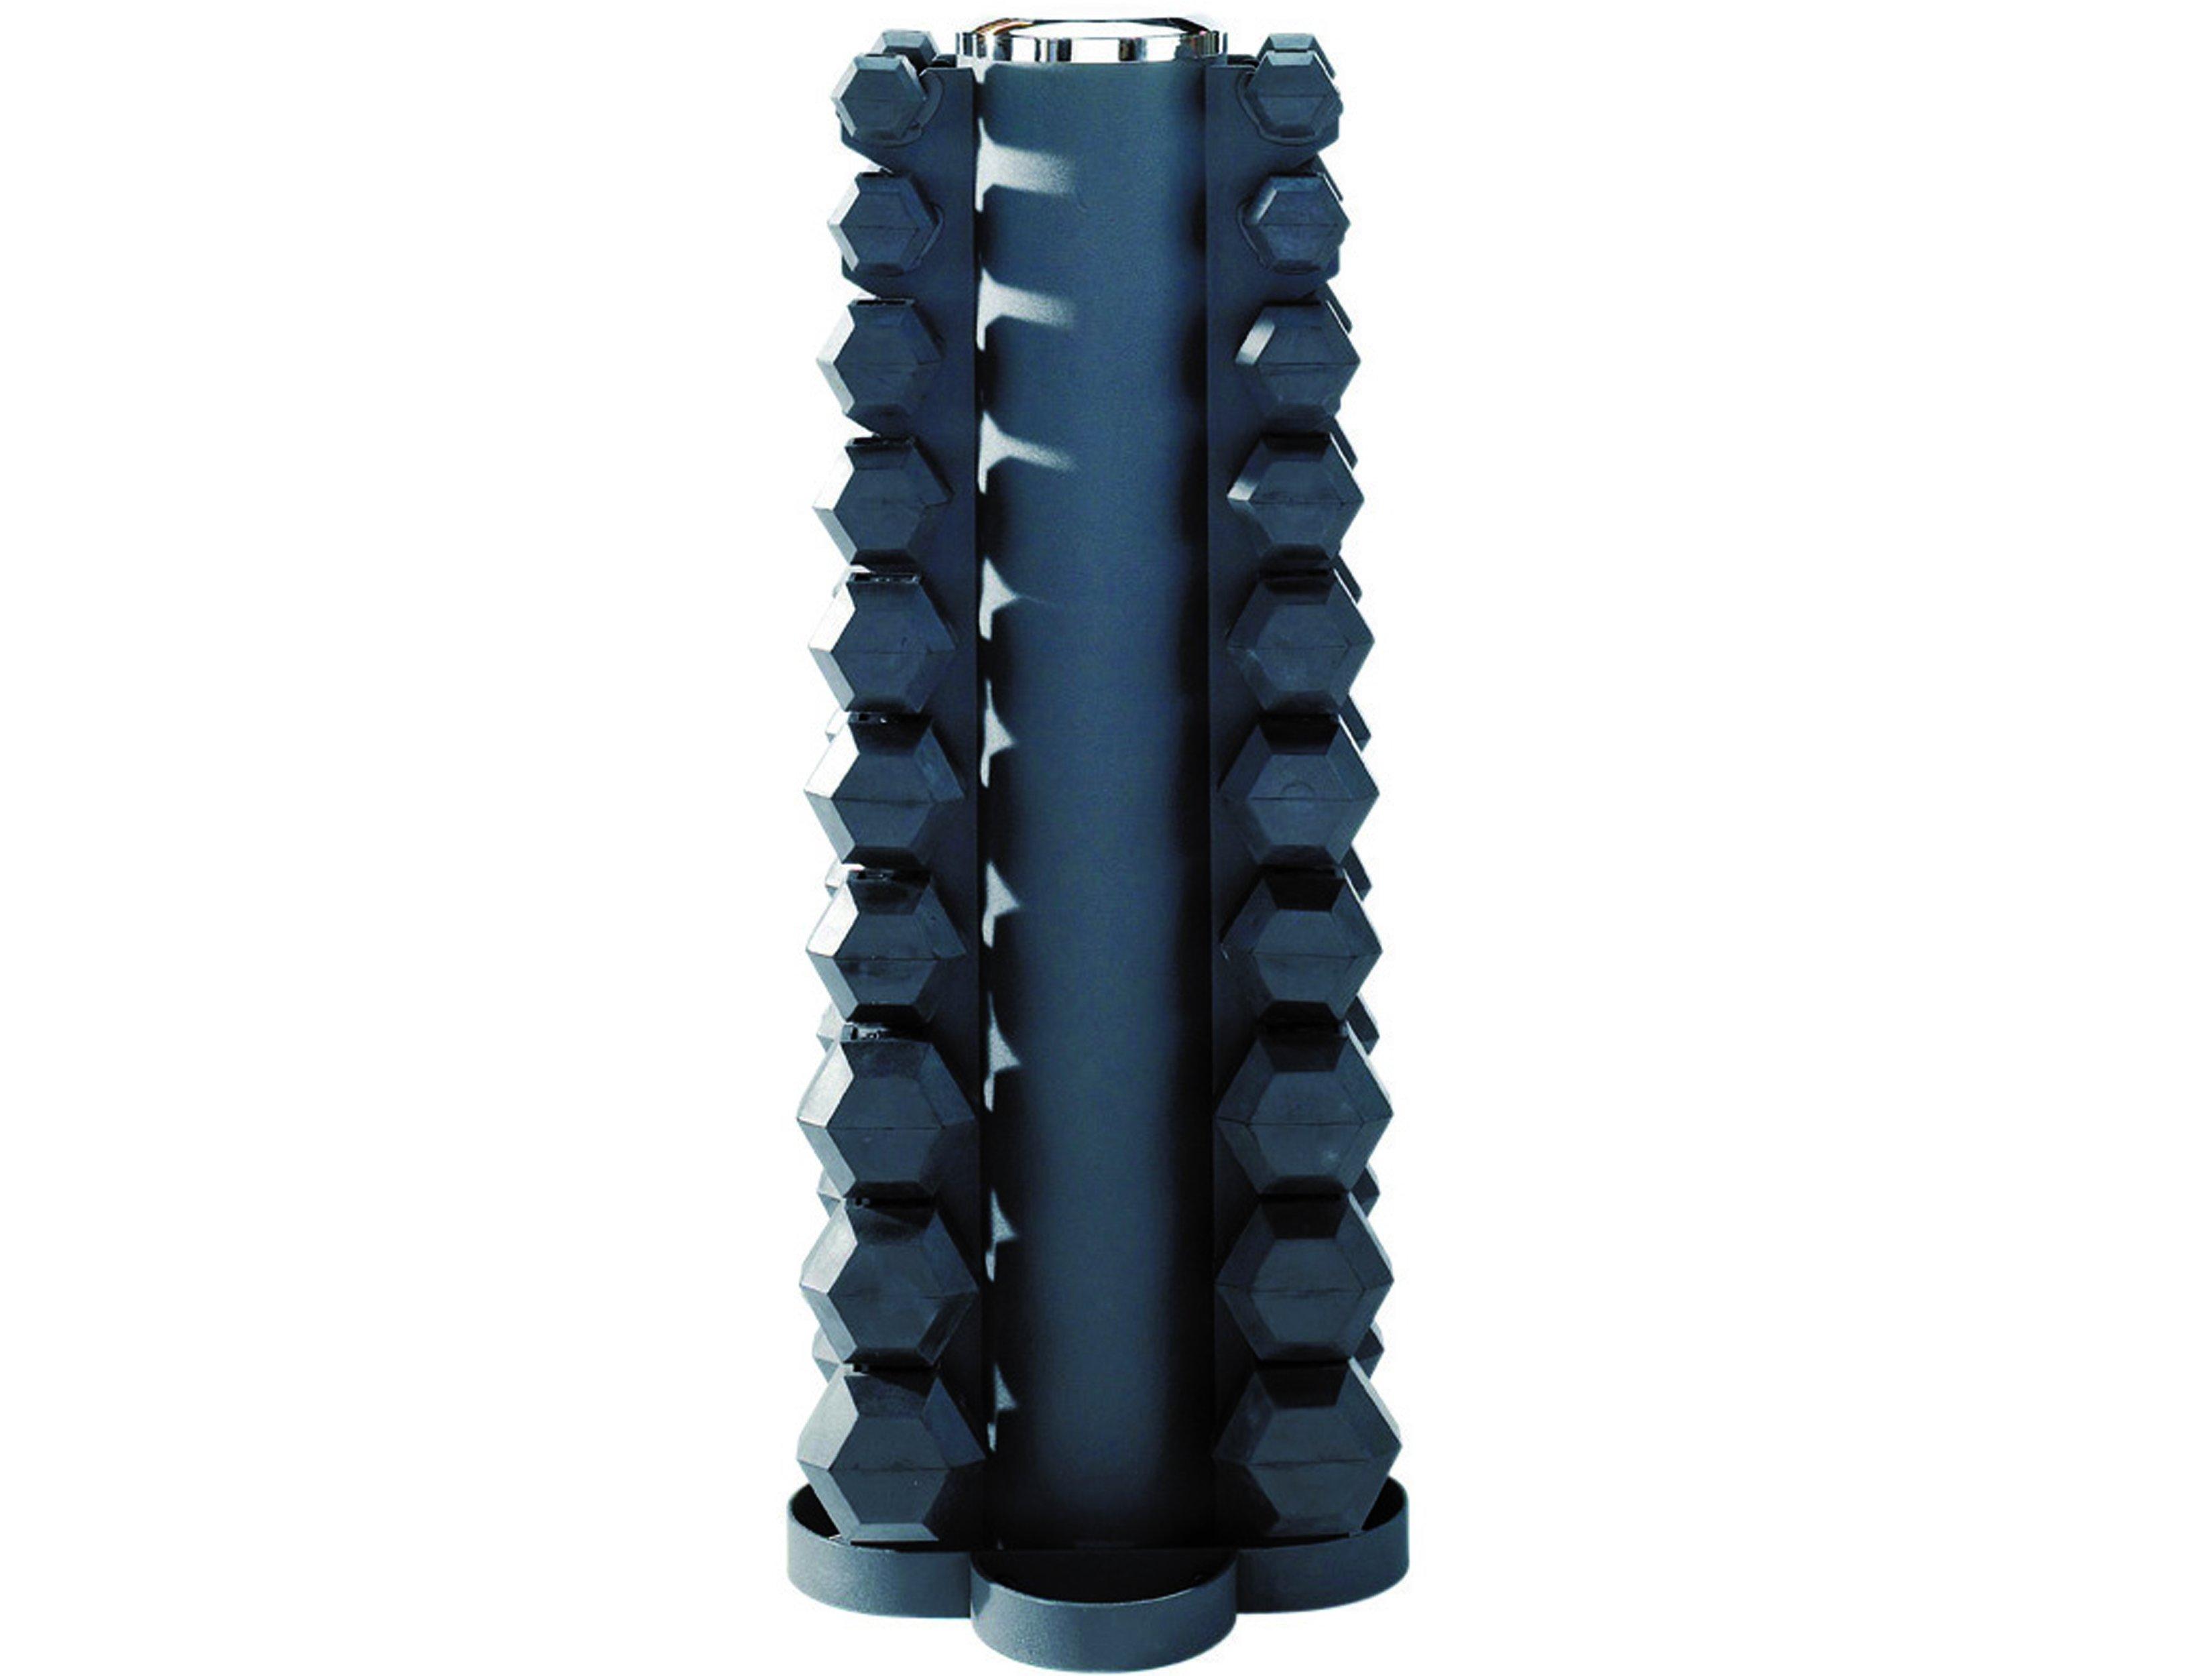 Gummihanteln Hexagonal 1Kg - 10Kg 115F